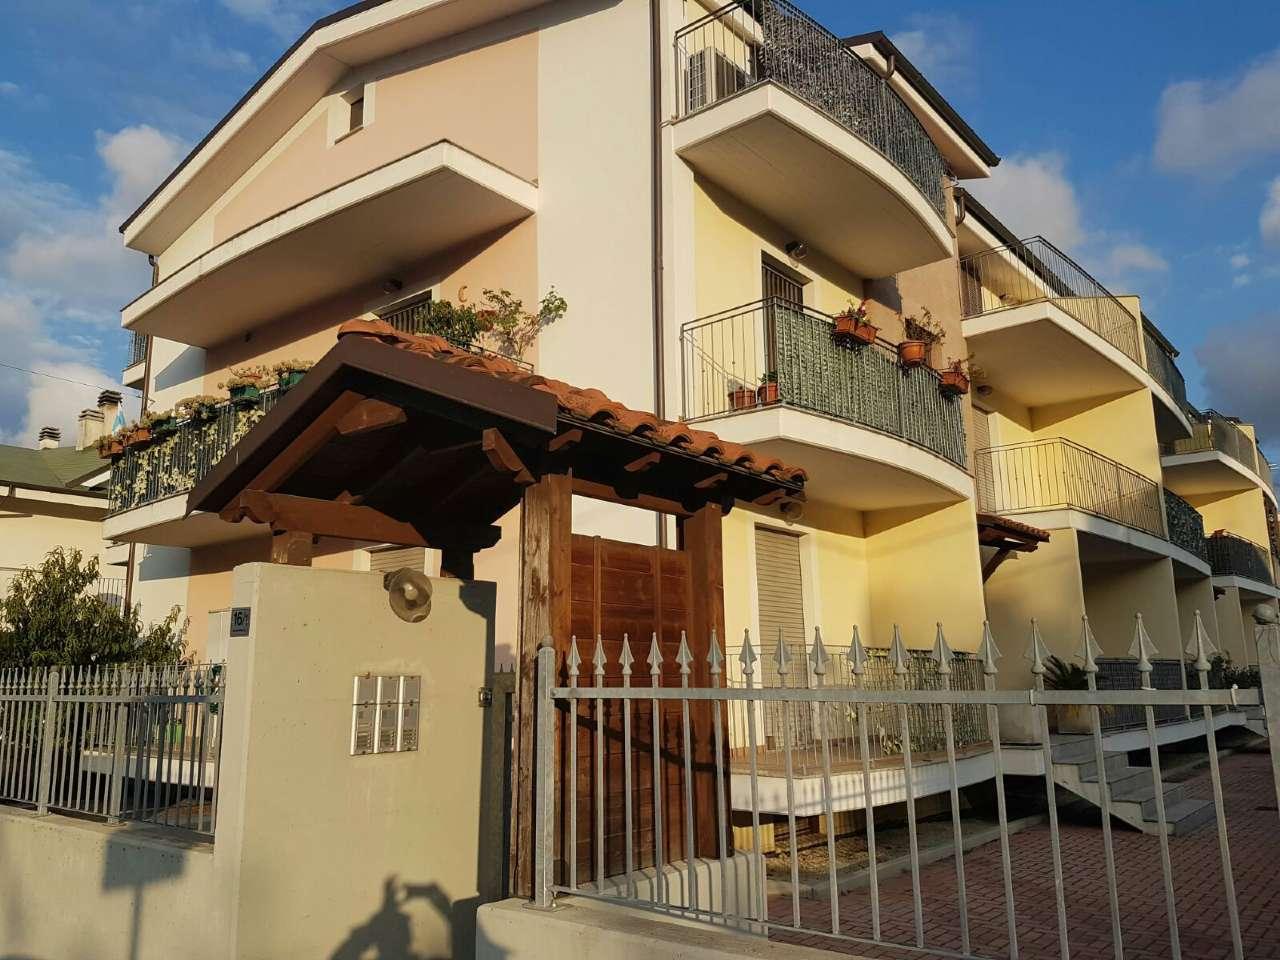 Appartamento in vendita a Cepagatti, 3 locali, prezzo € 90.000 | Cambio Casa.it